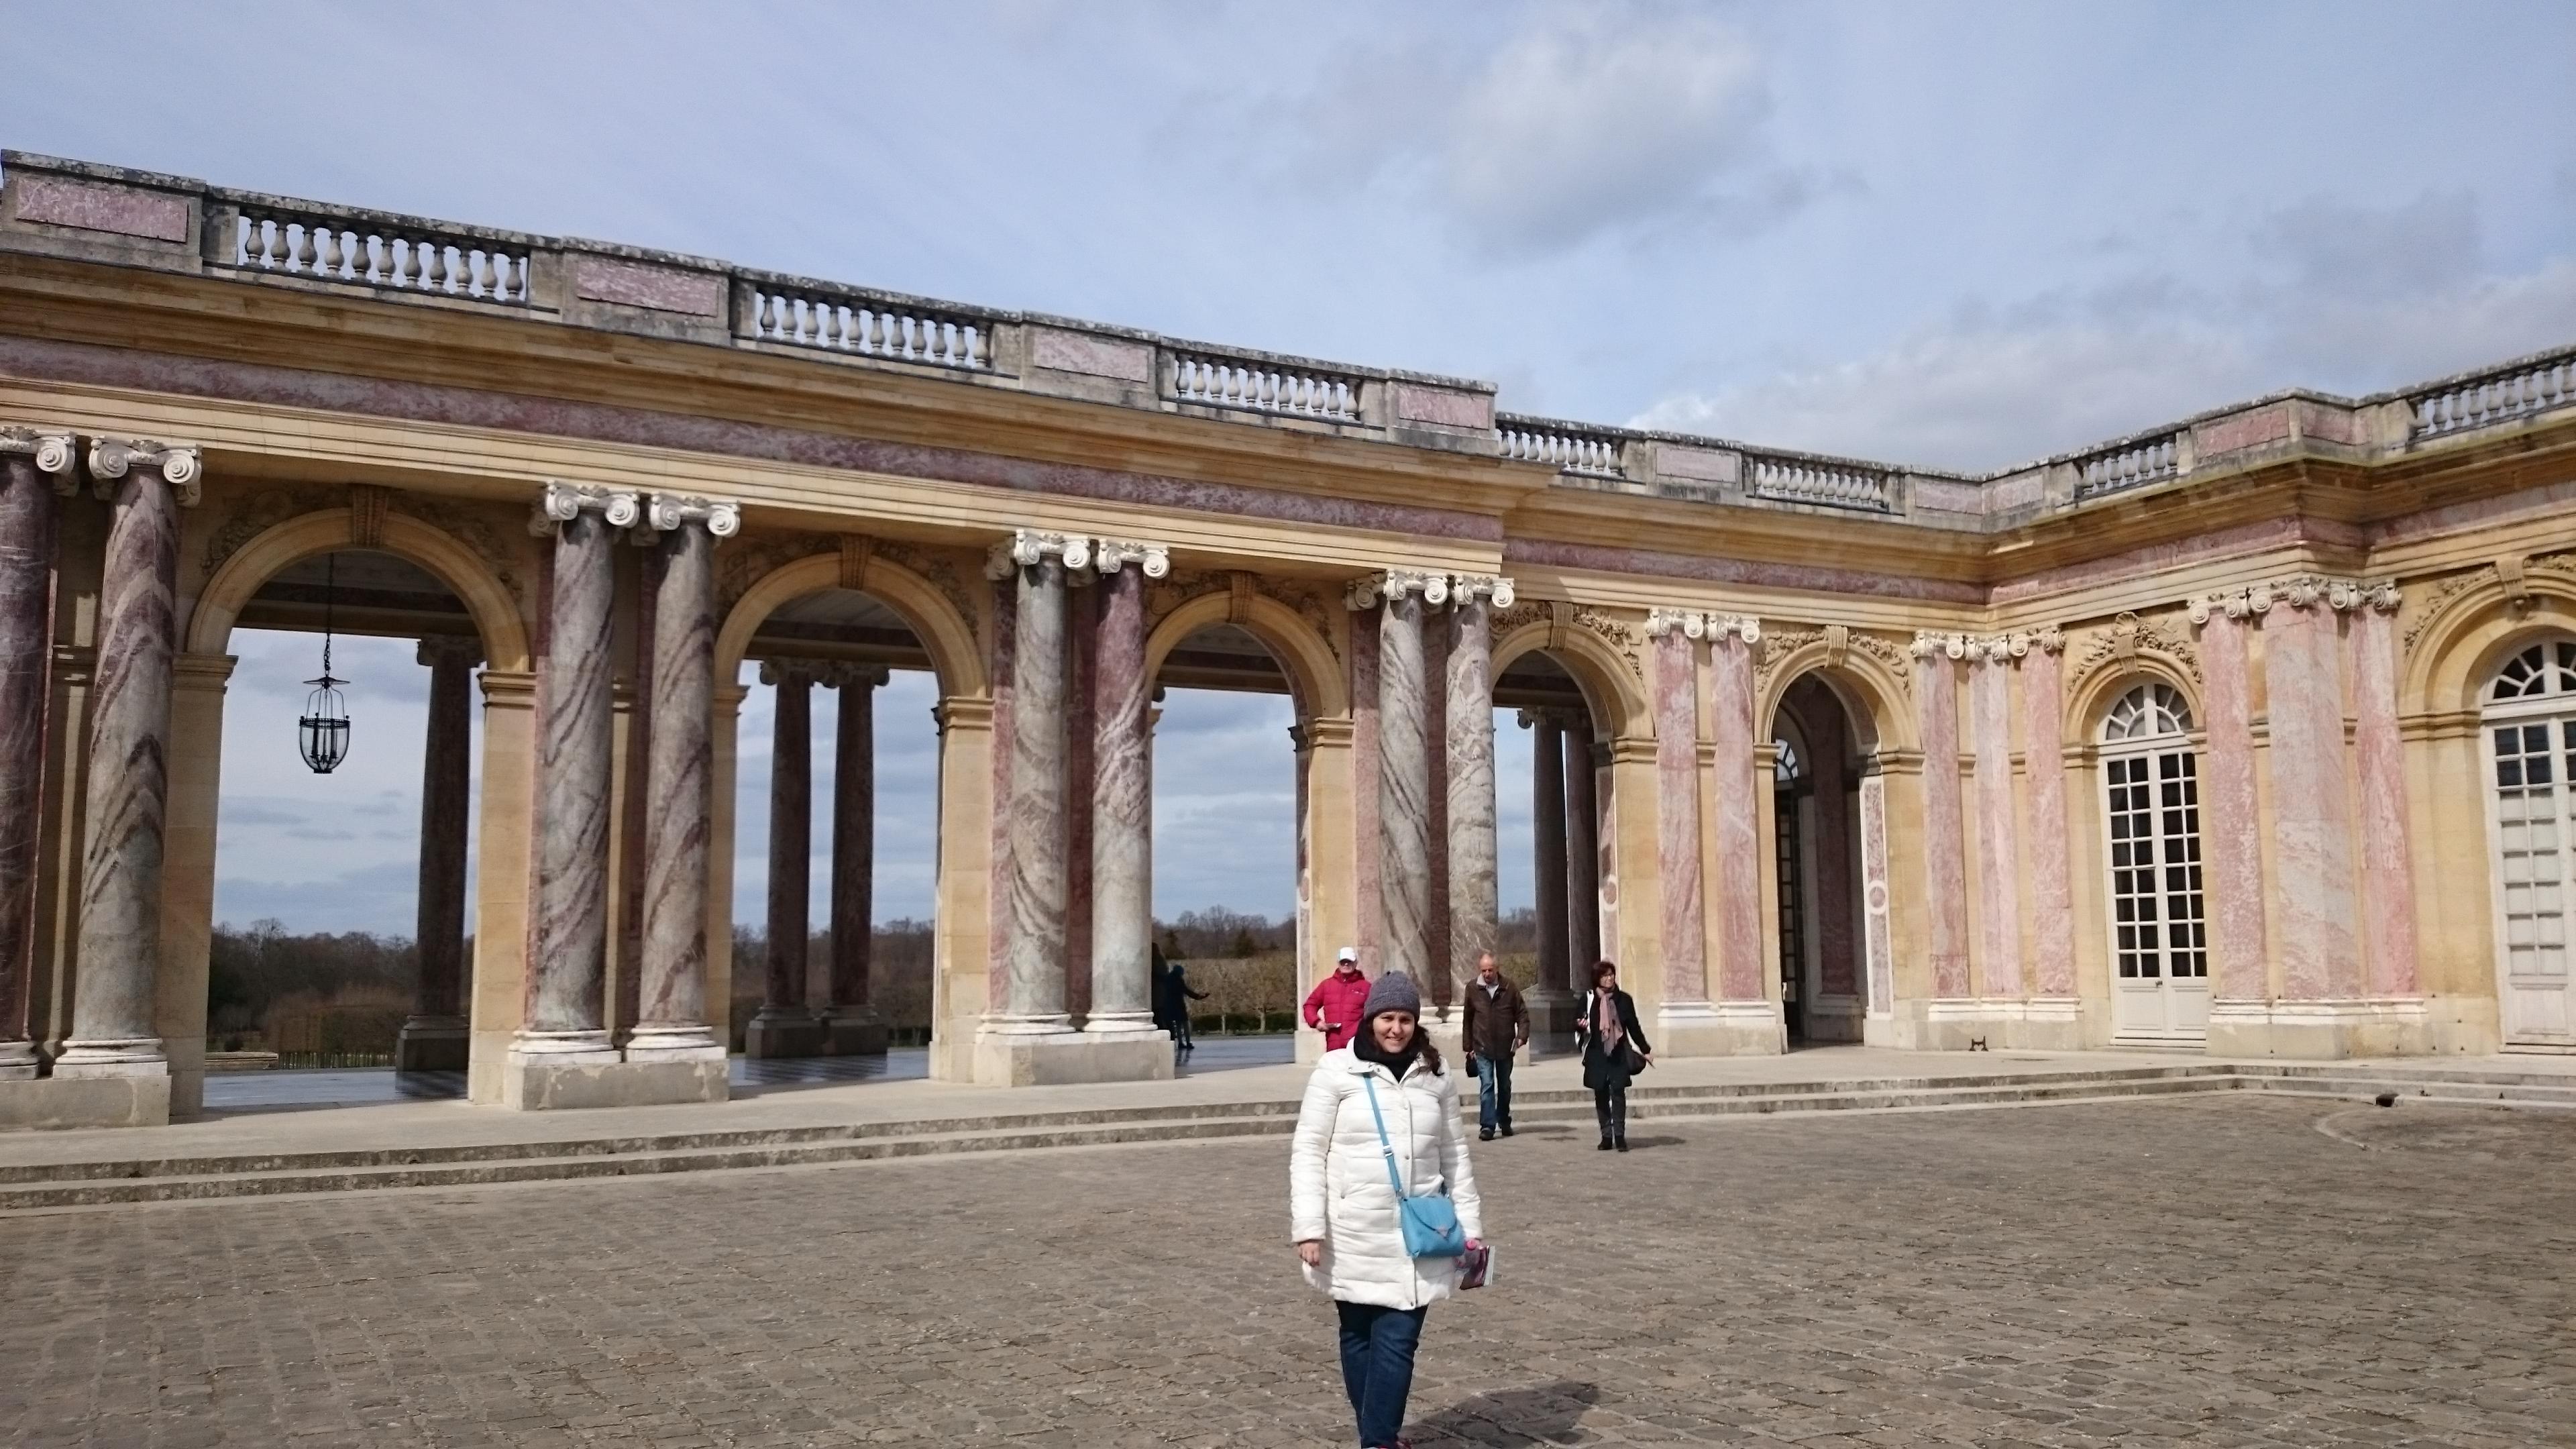 dsc 1237 - Visita al Palacio de Versalles: Como ir, cuanto cuesta y tips II/III